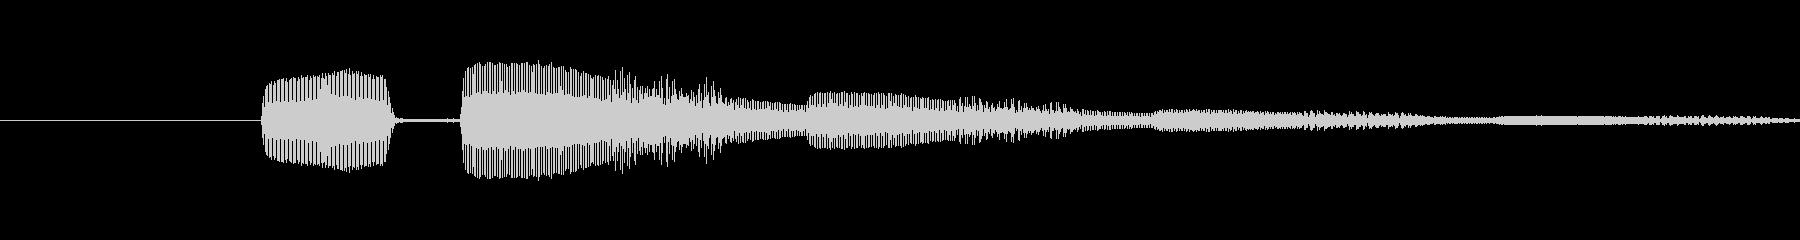 ピコンという電子音の未再生の波形